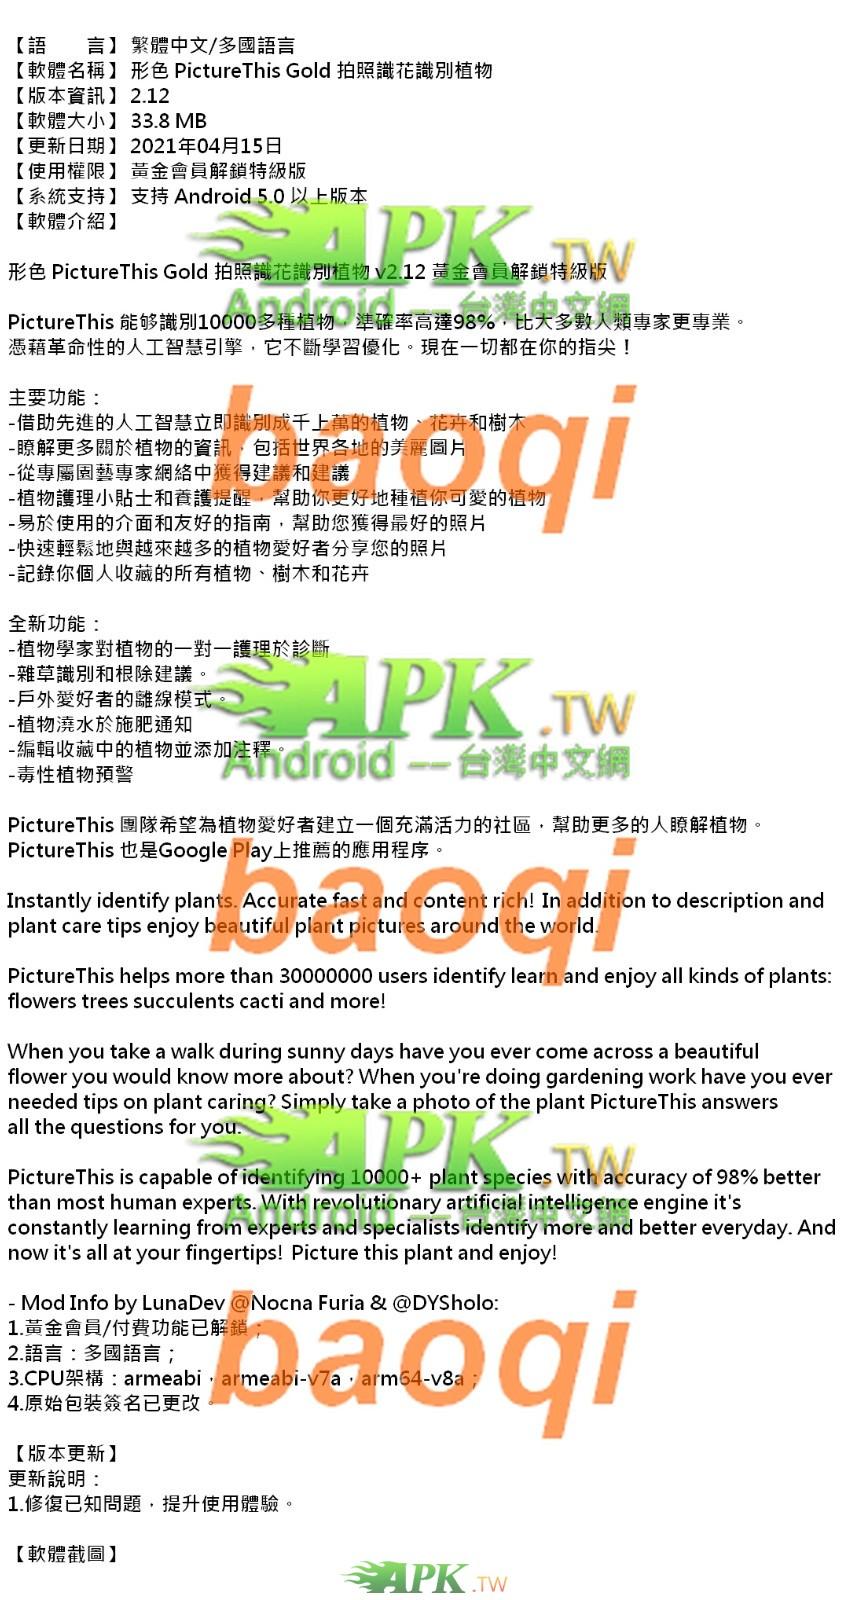 PictureThis_2.12_.jpg